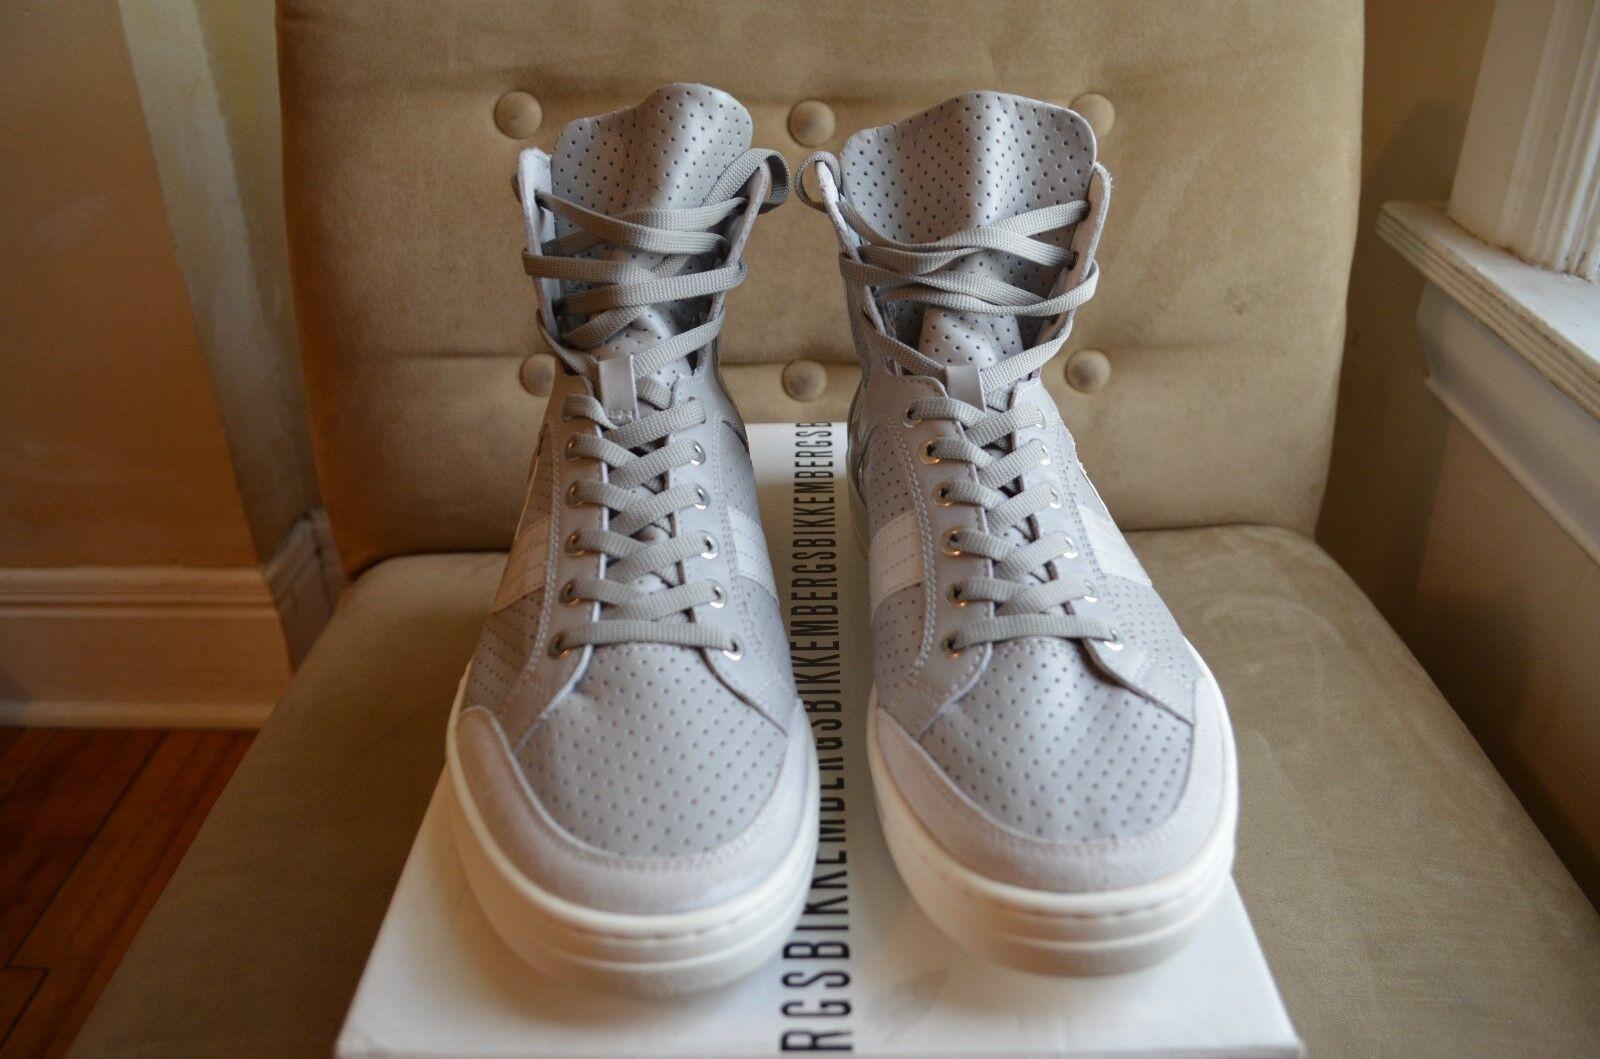 BIKKEMBERGS COOL grigio bianca PERFORATED LEATHER HIGH HIGH HIGH TOP scarpe da ginnastica scarpe 43 10 1fc404